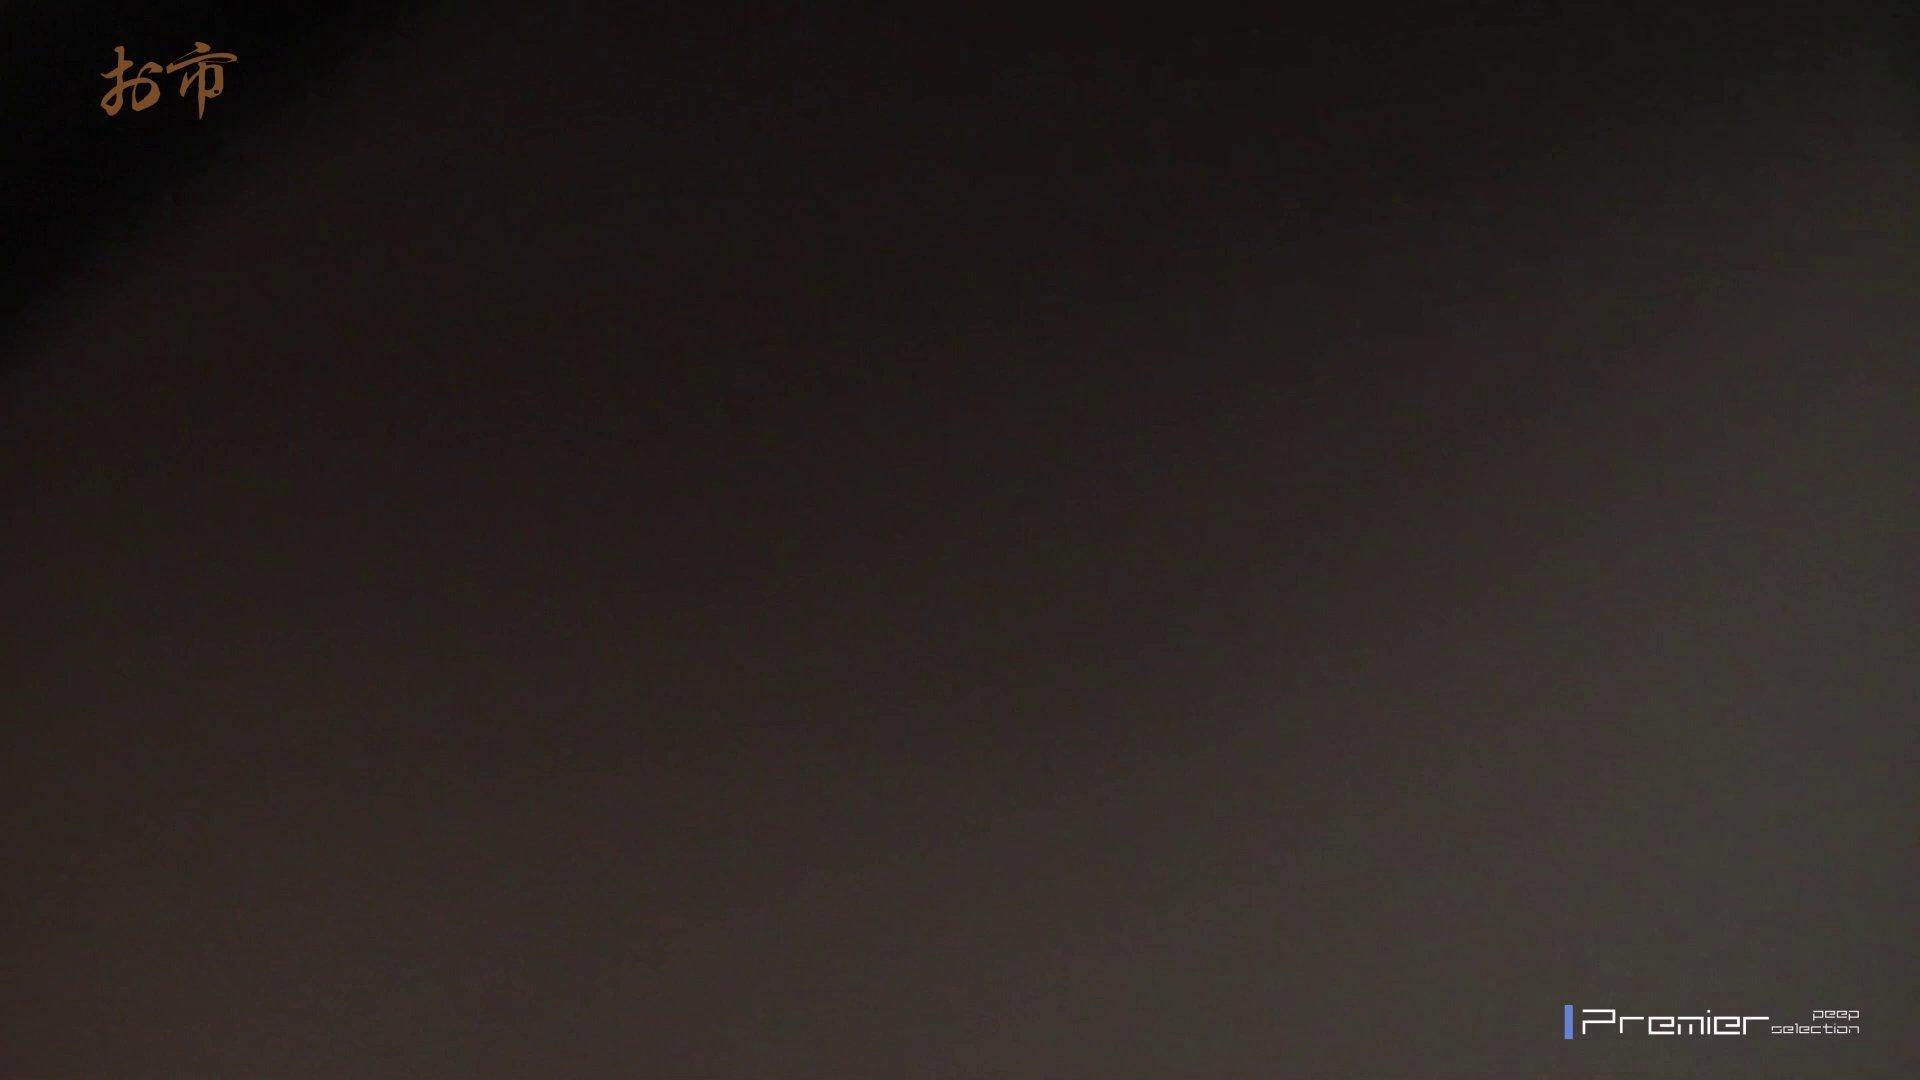 潜入!!台湾名門女学院 Vol.14 ラストコンテンツ!! 美女 オメコ動画キャプチャ 103画像 53